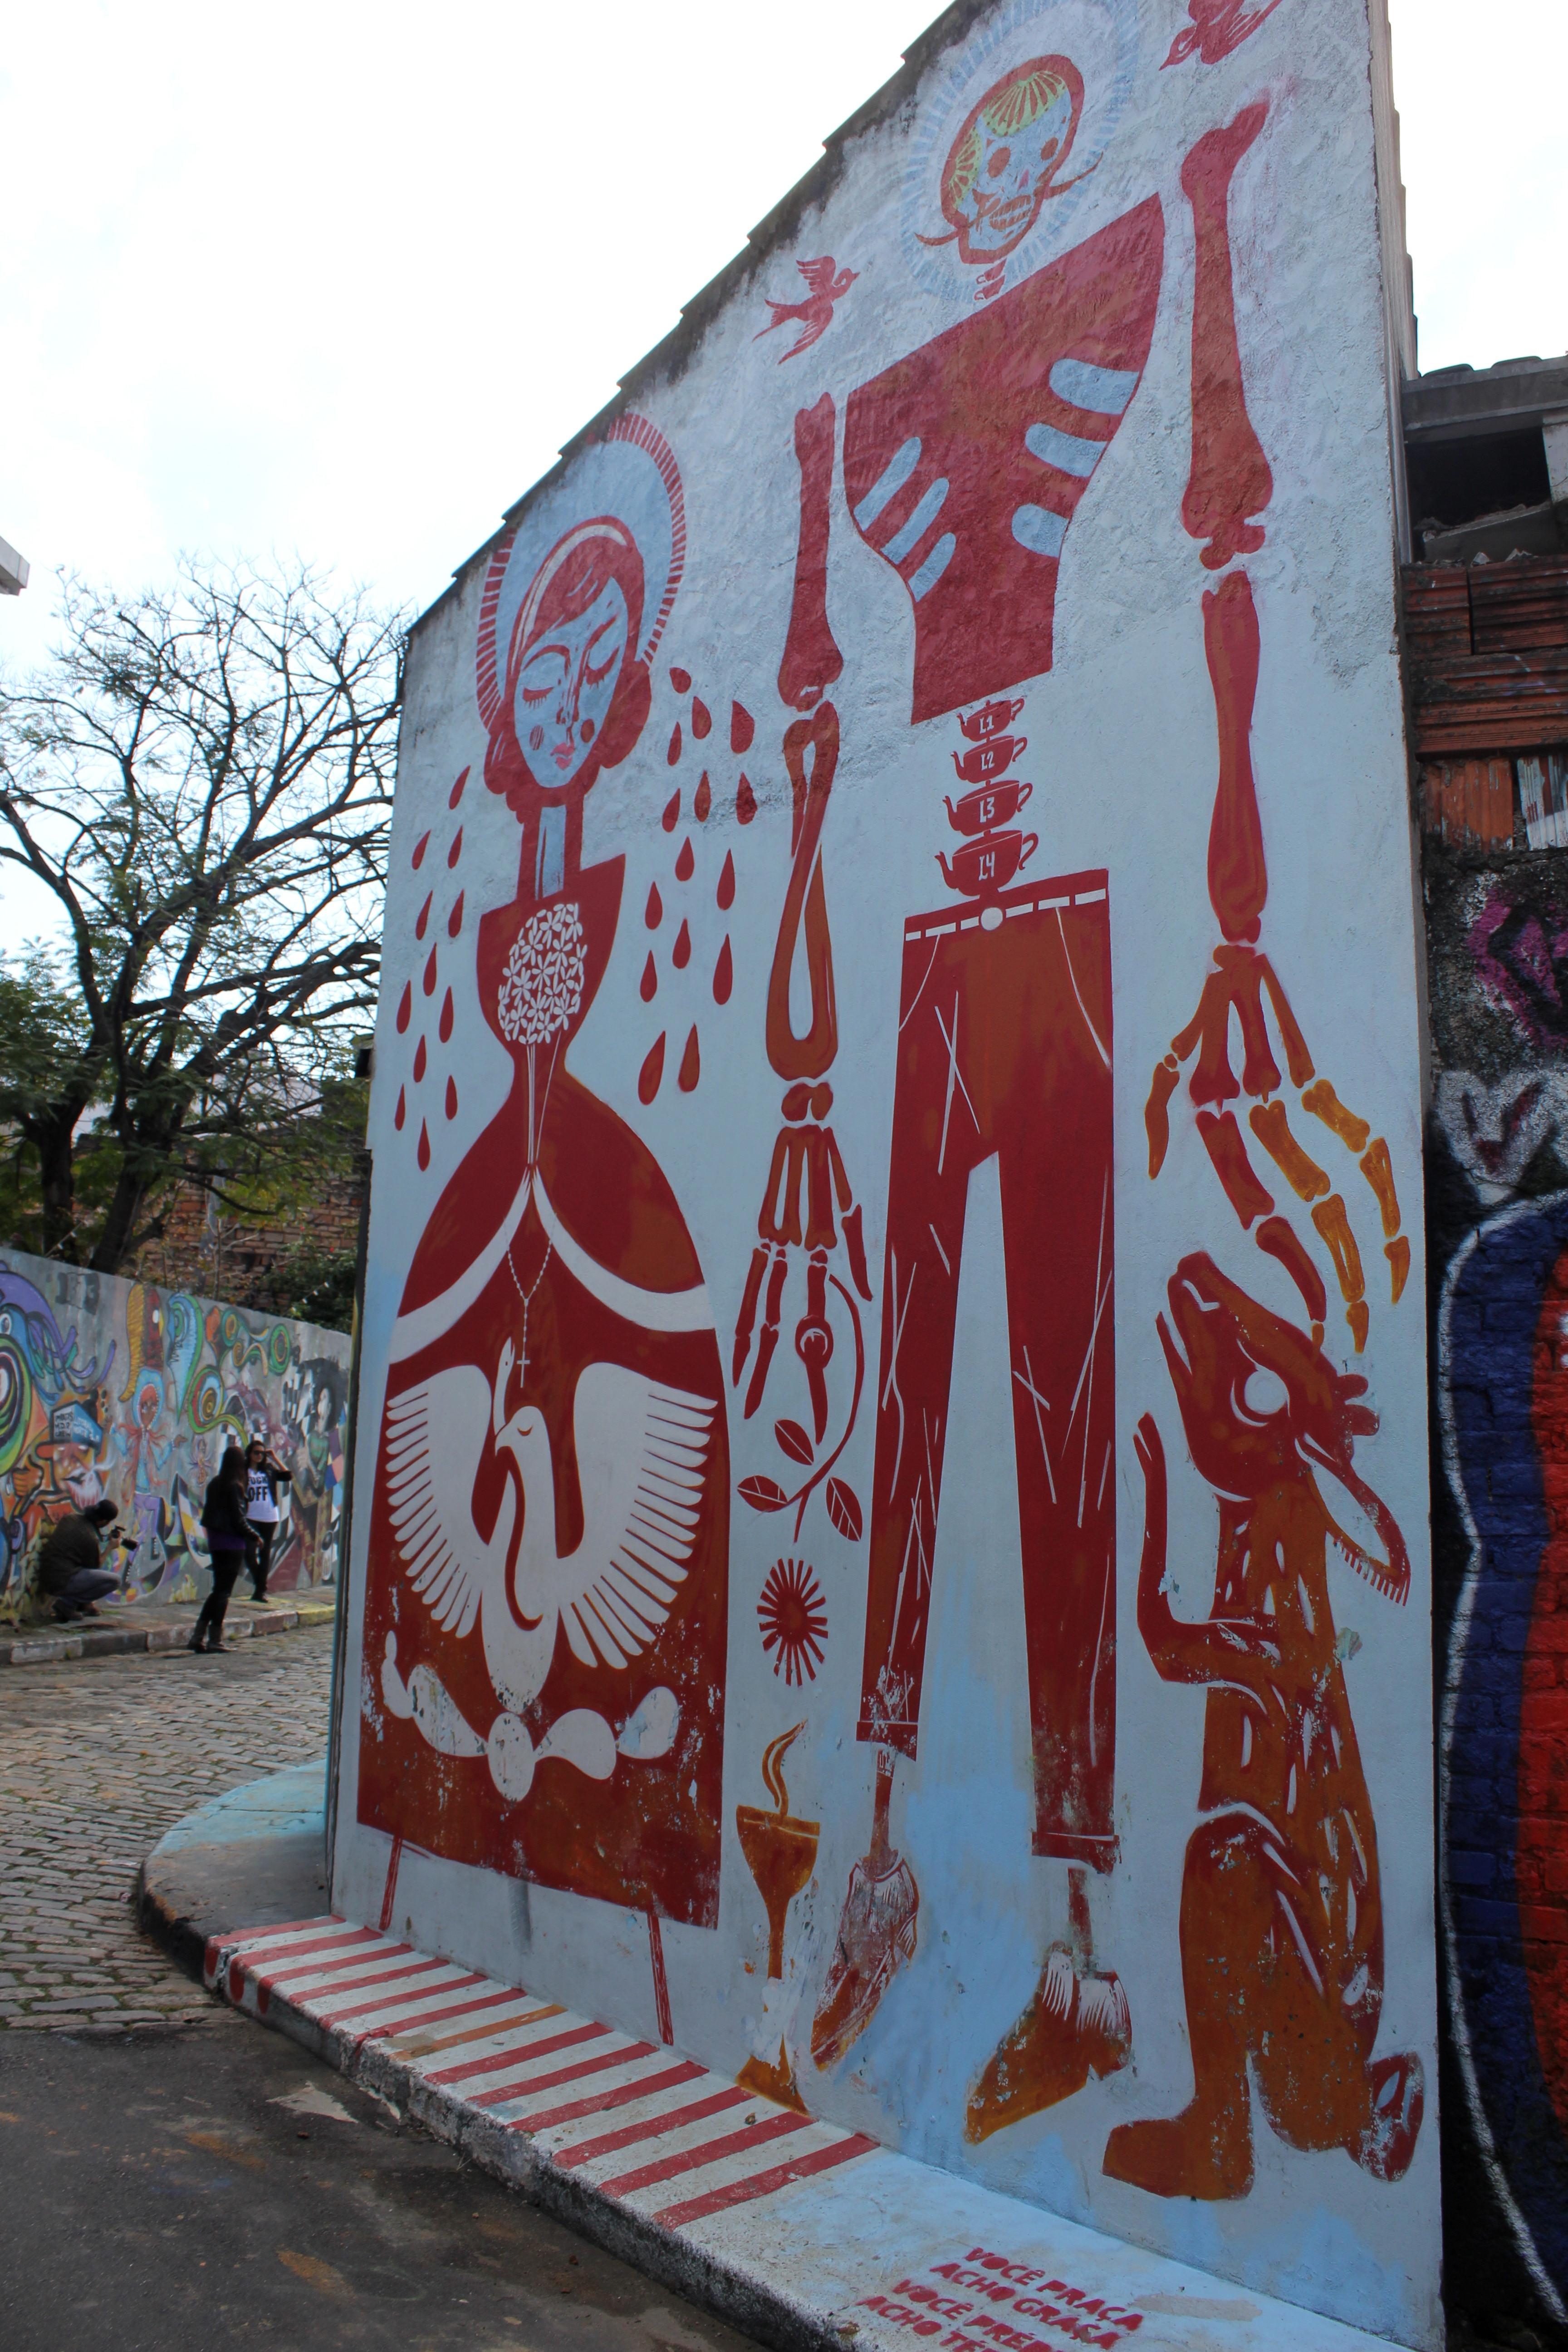 São Paulo's Street Art 15